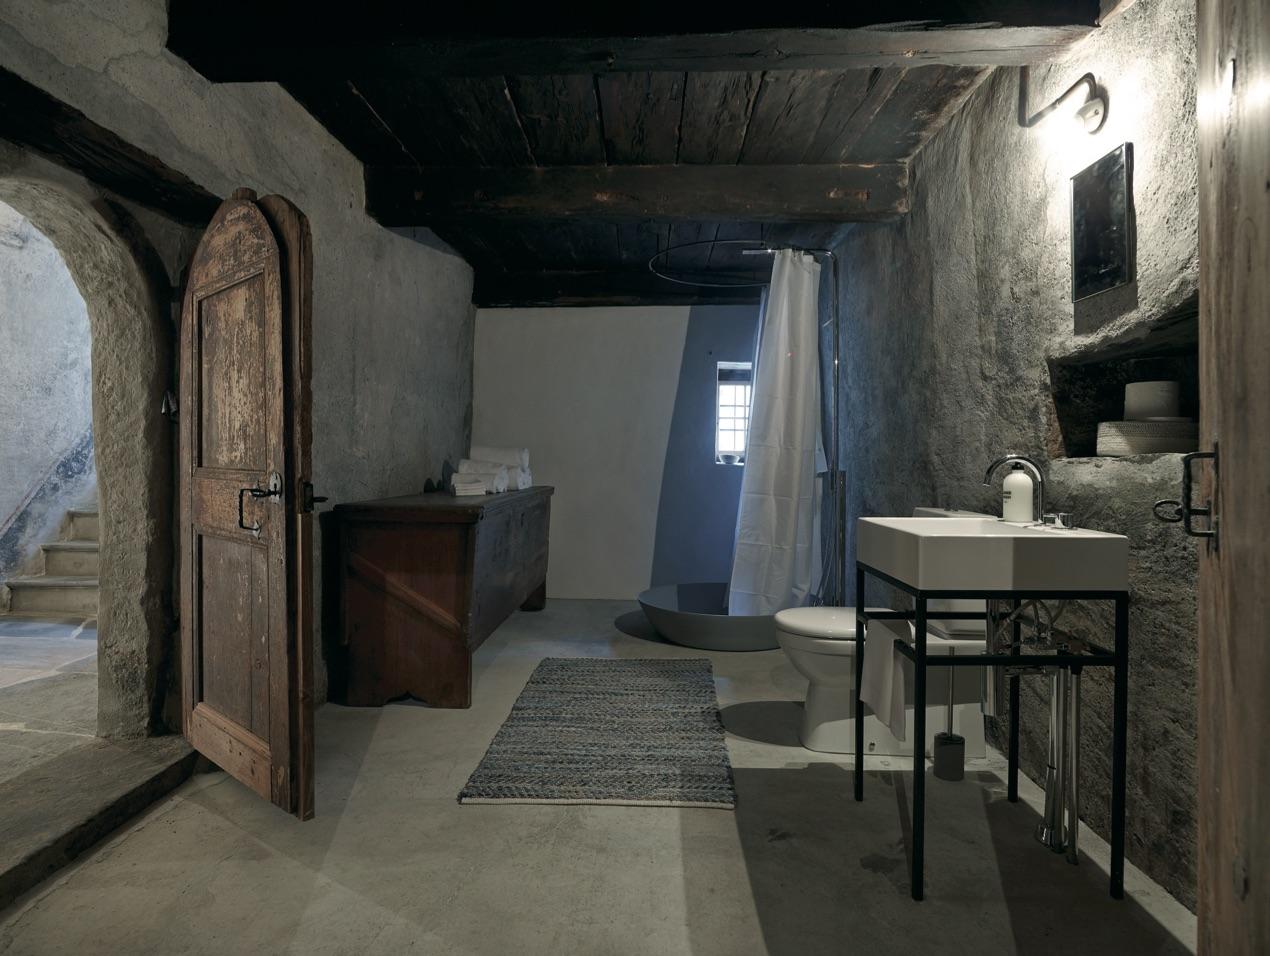 Mobilier Pour Chalet Montagne salle de bain, l'esprit chalet de montagne revisité façon design